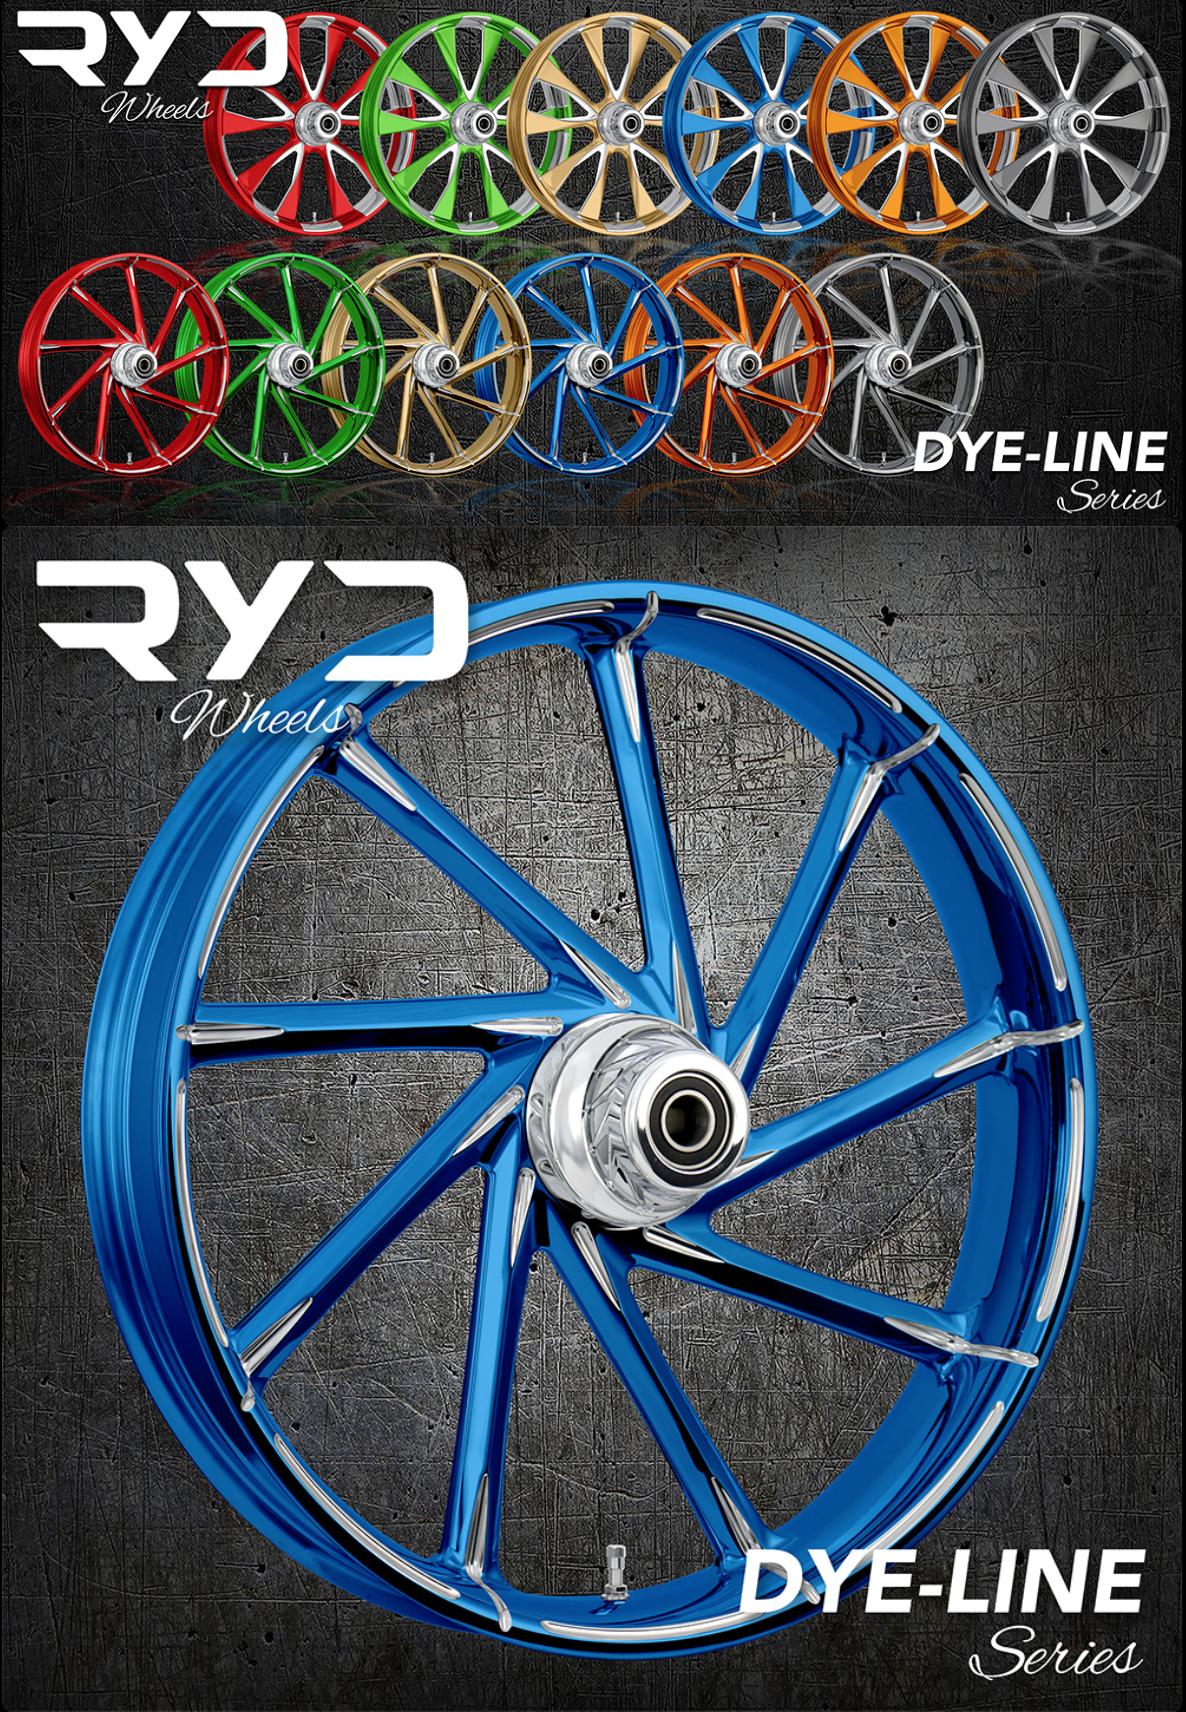 Dyeline Wheels